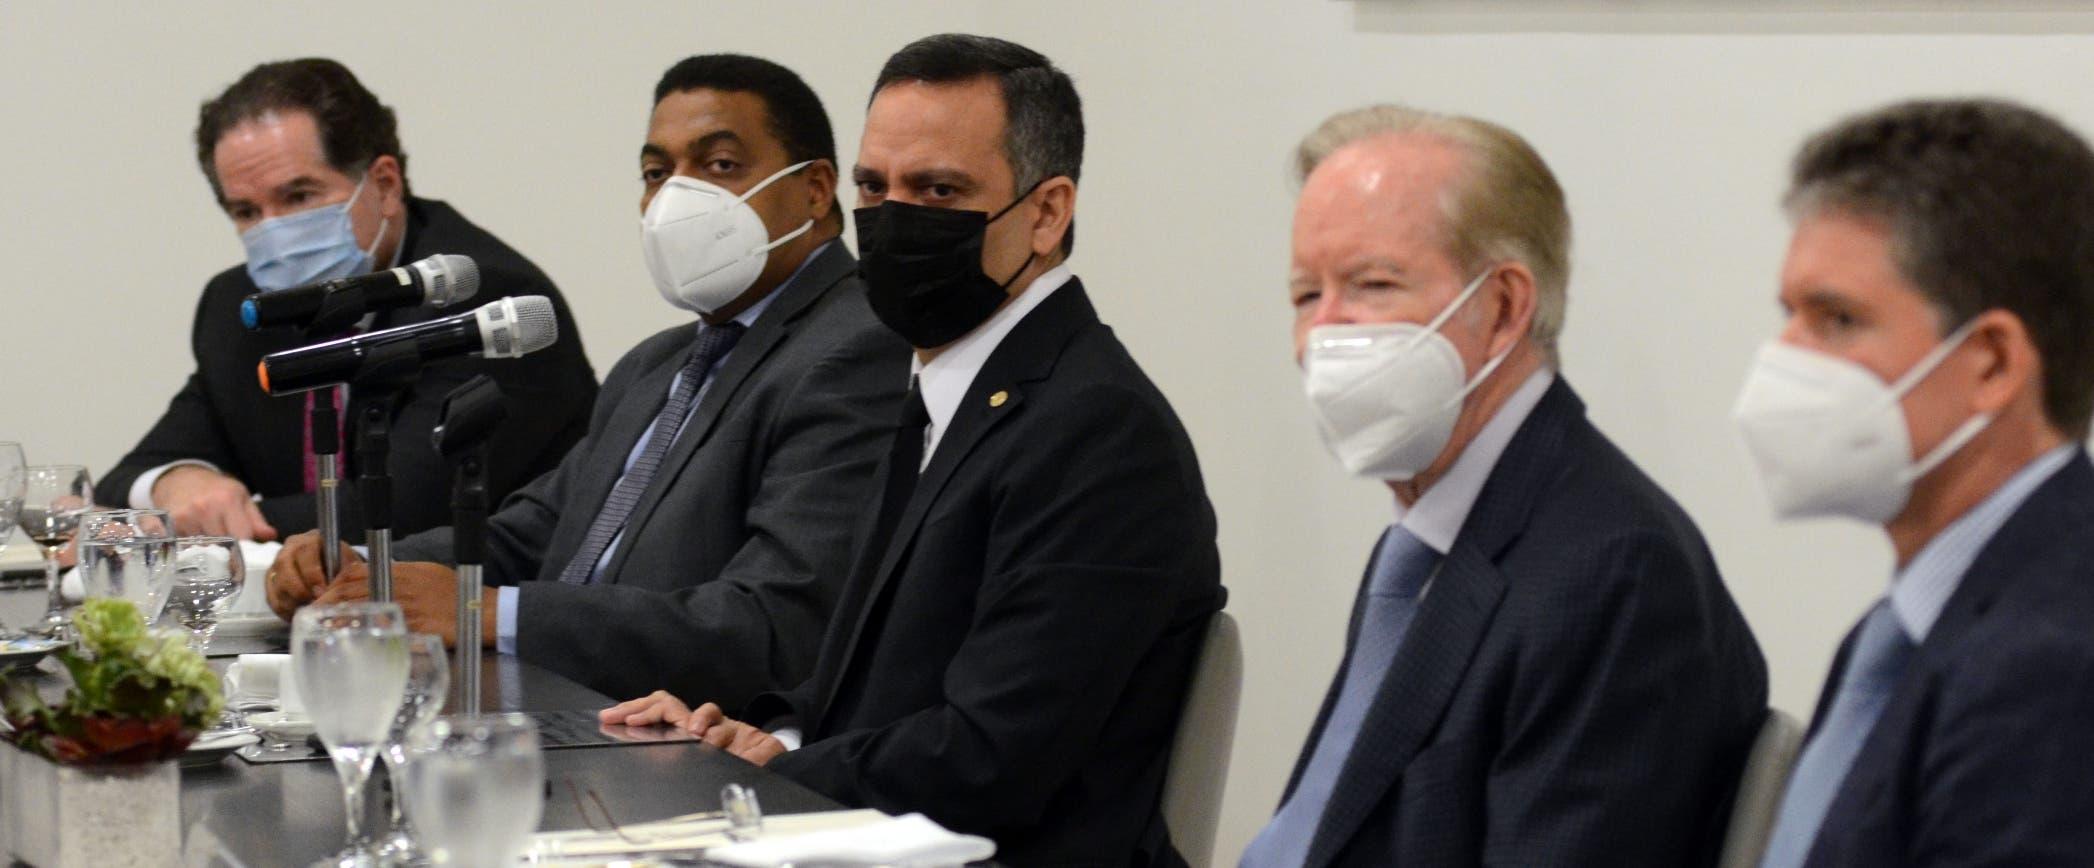 Luis Henry Molina atribuye a 'intereses'  ruido alrededor del Consejo y la SCJ